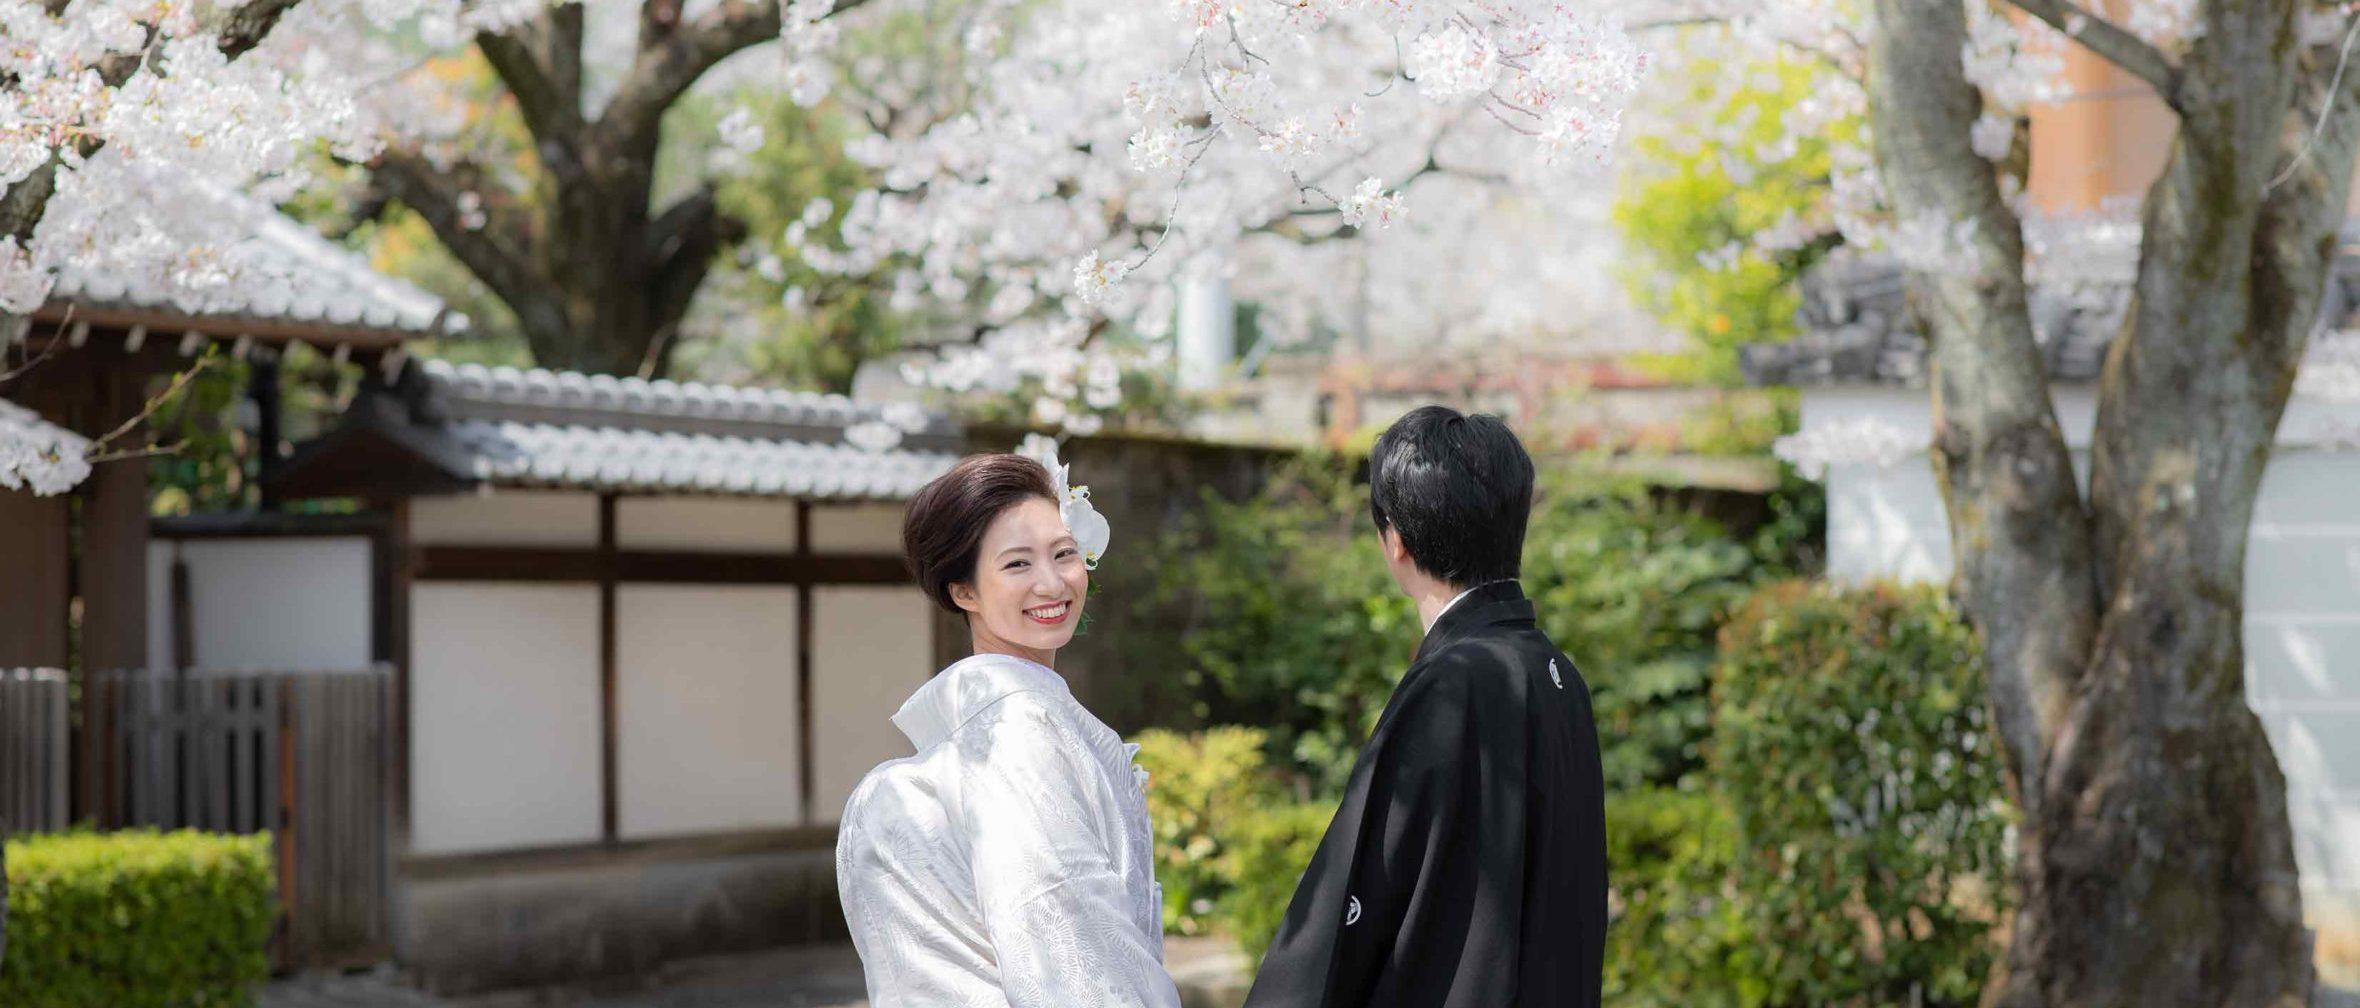 京都の満開の桜と白無垢姿の花嫁様